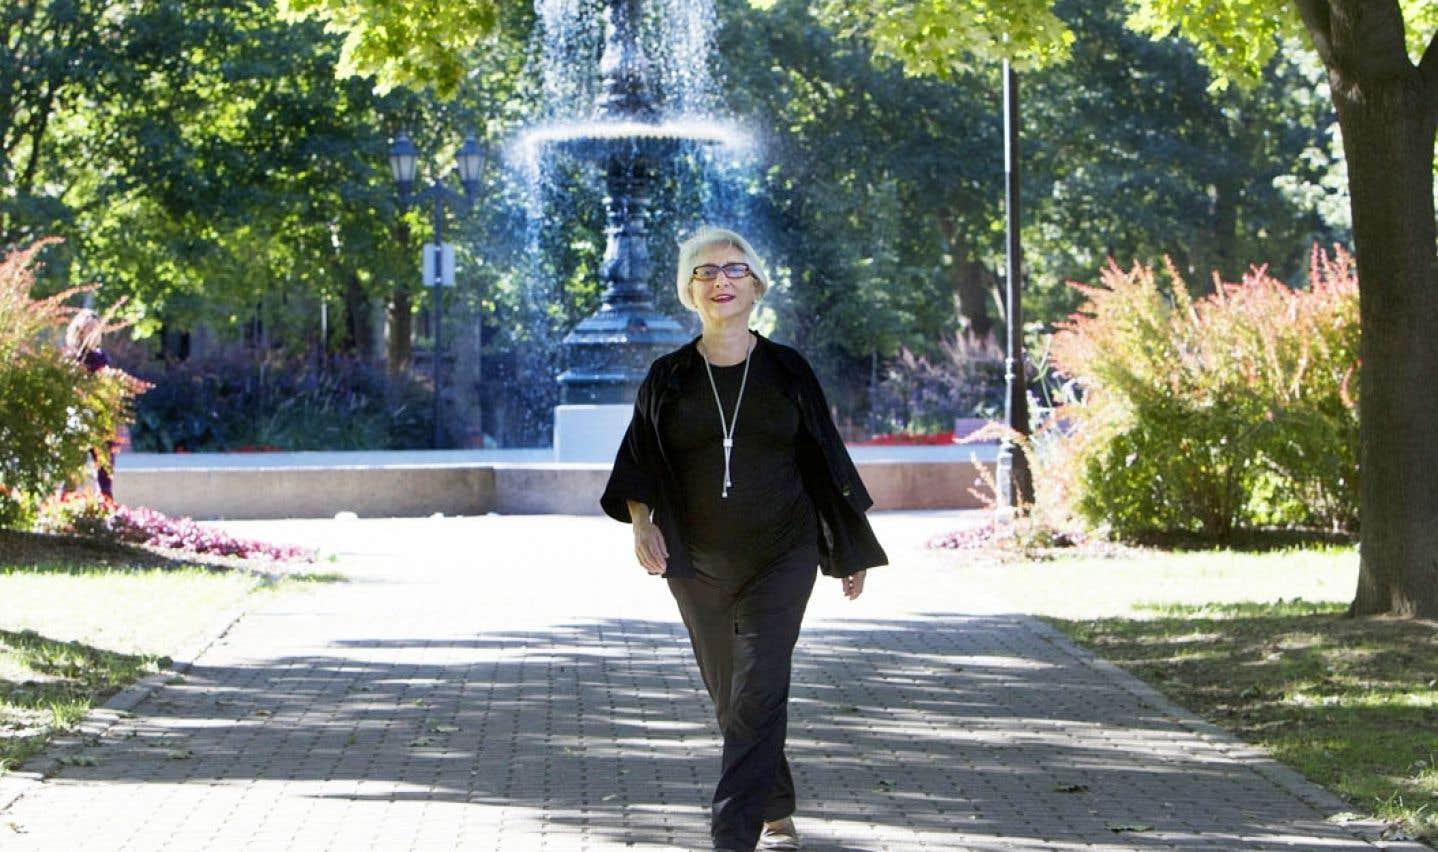 Marie-Hélène Falcon: «J'ai fait le tour du jardin quelques fois. Le festival est solide, il appartient à la communauté. Ça va! Moi, je peux faire autre chose.»